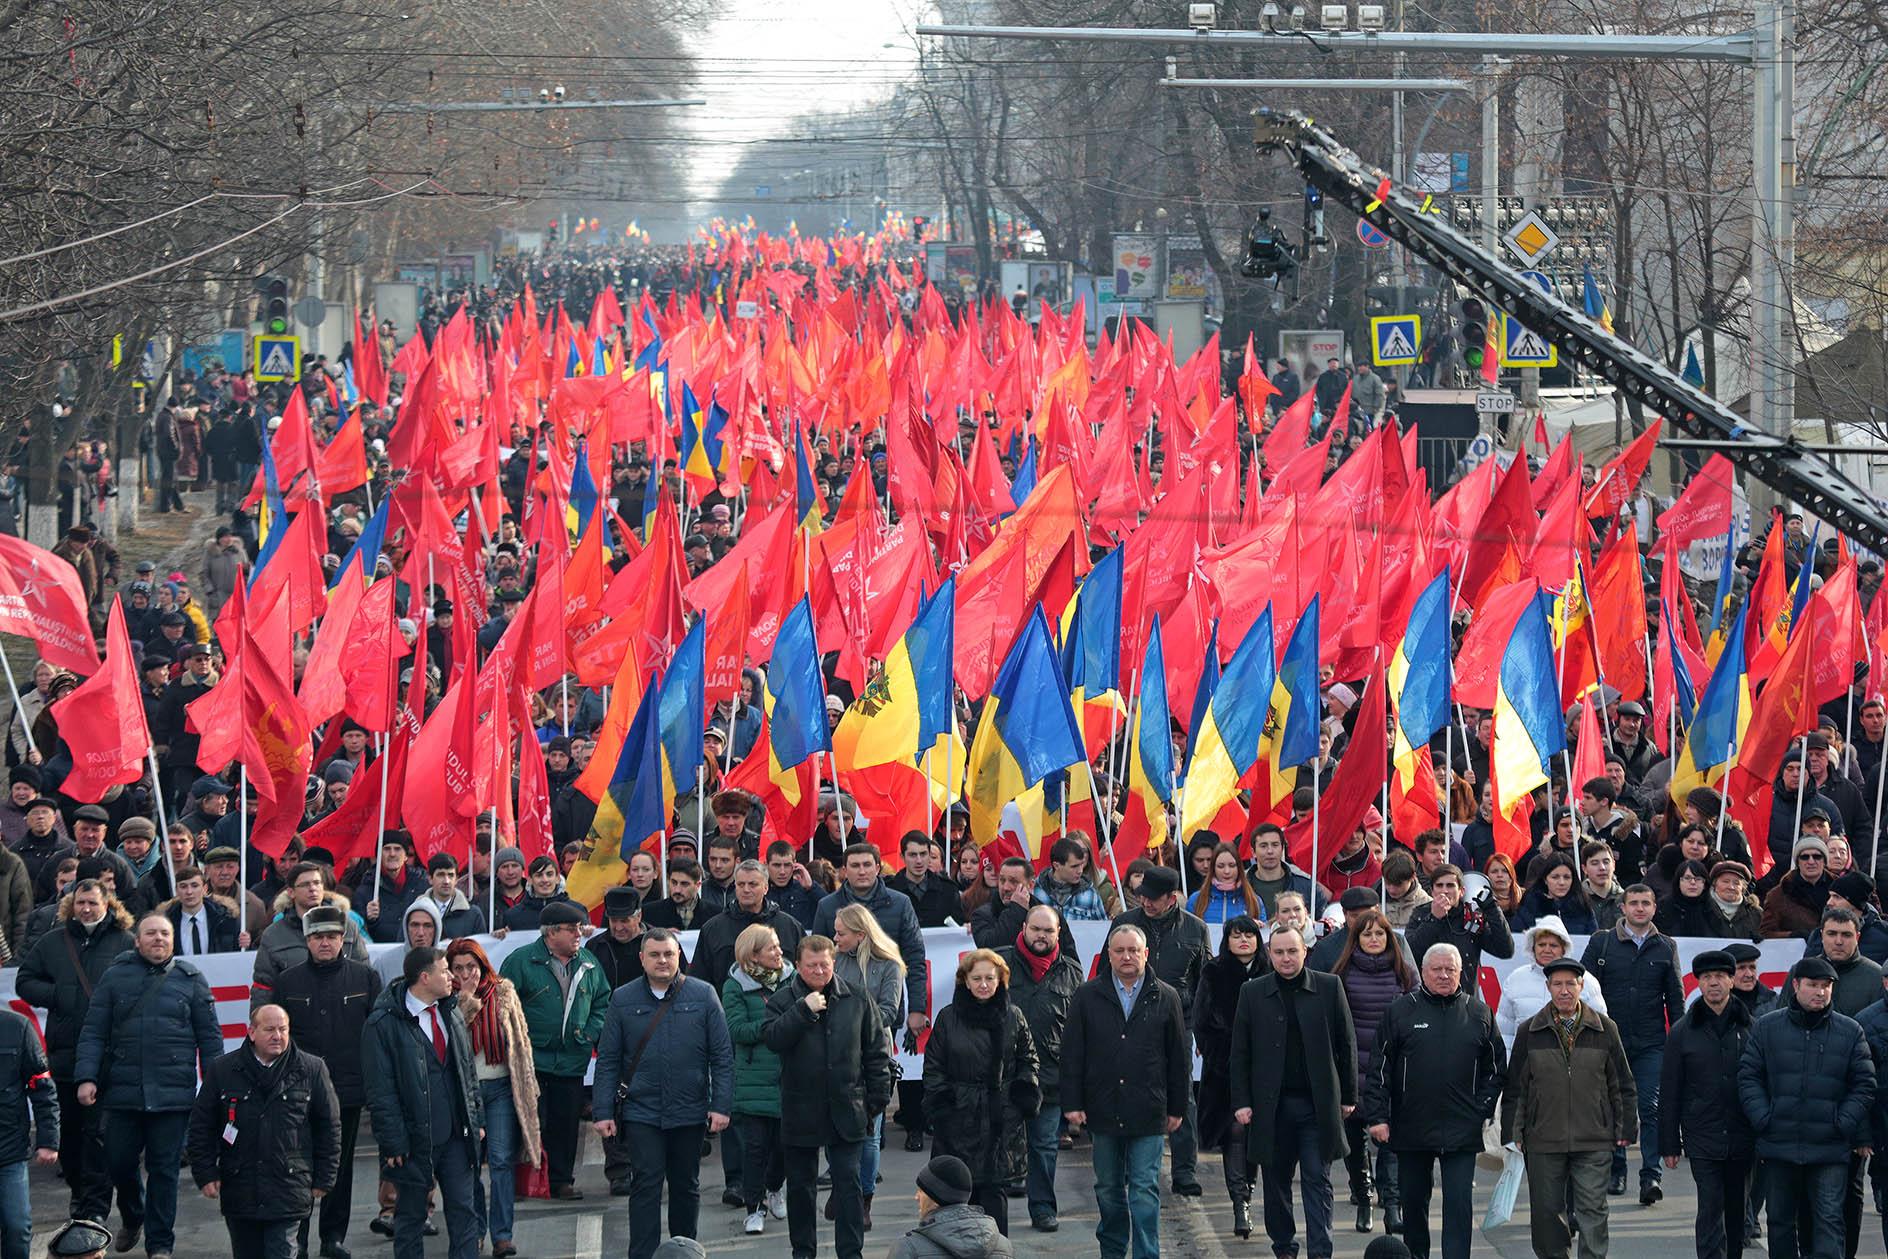 16 апреля пройдут масштабные акции протеста в поддержку государственности Республики Молдова